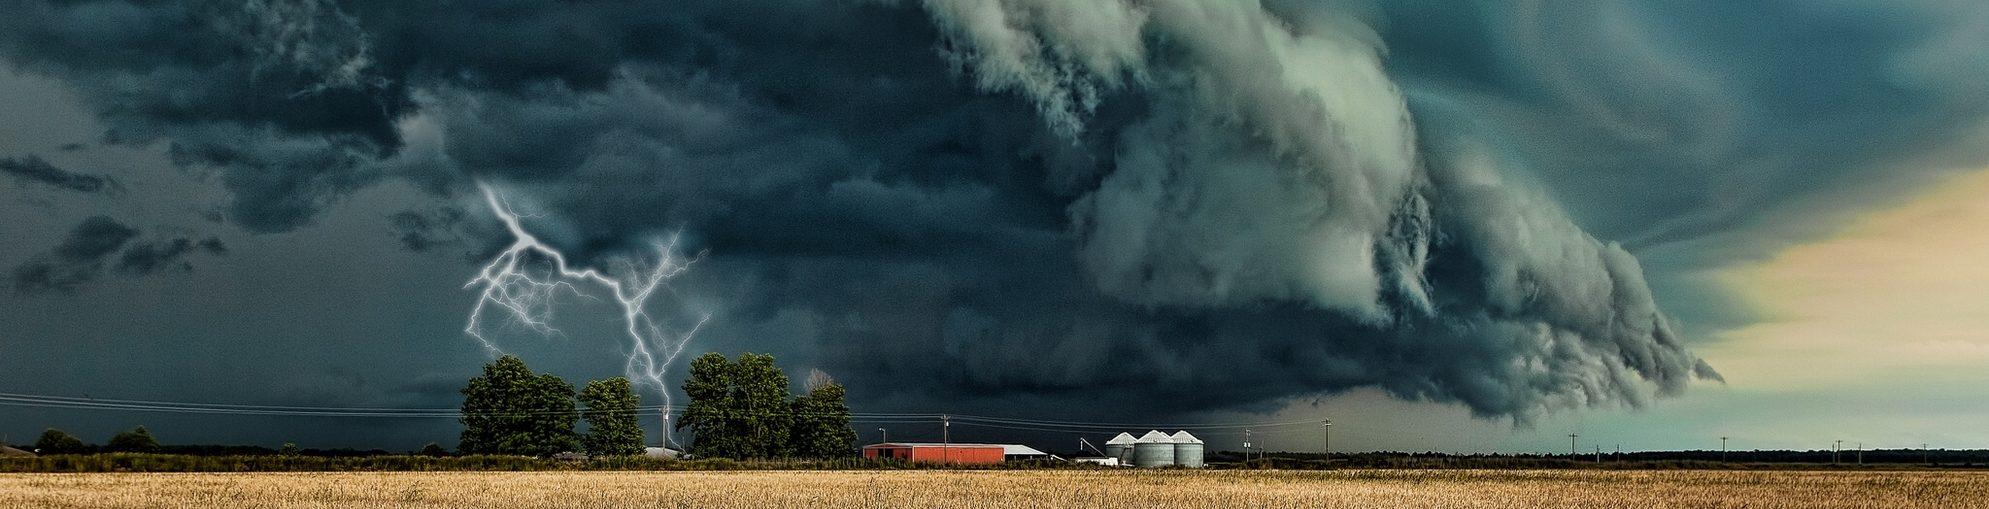 การอยู่ร่วมกับภัยธรรมชาติอย่างถูกวิธีควรทำอย่างไร